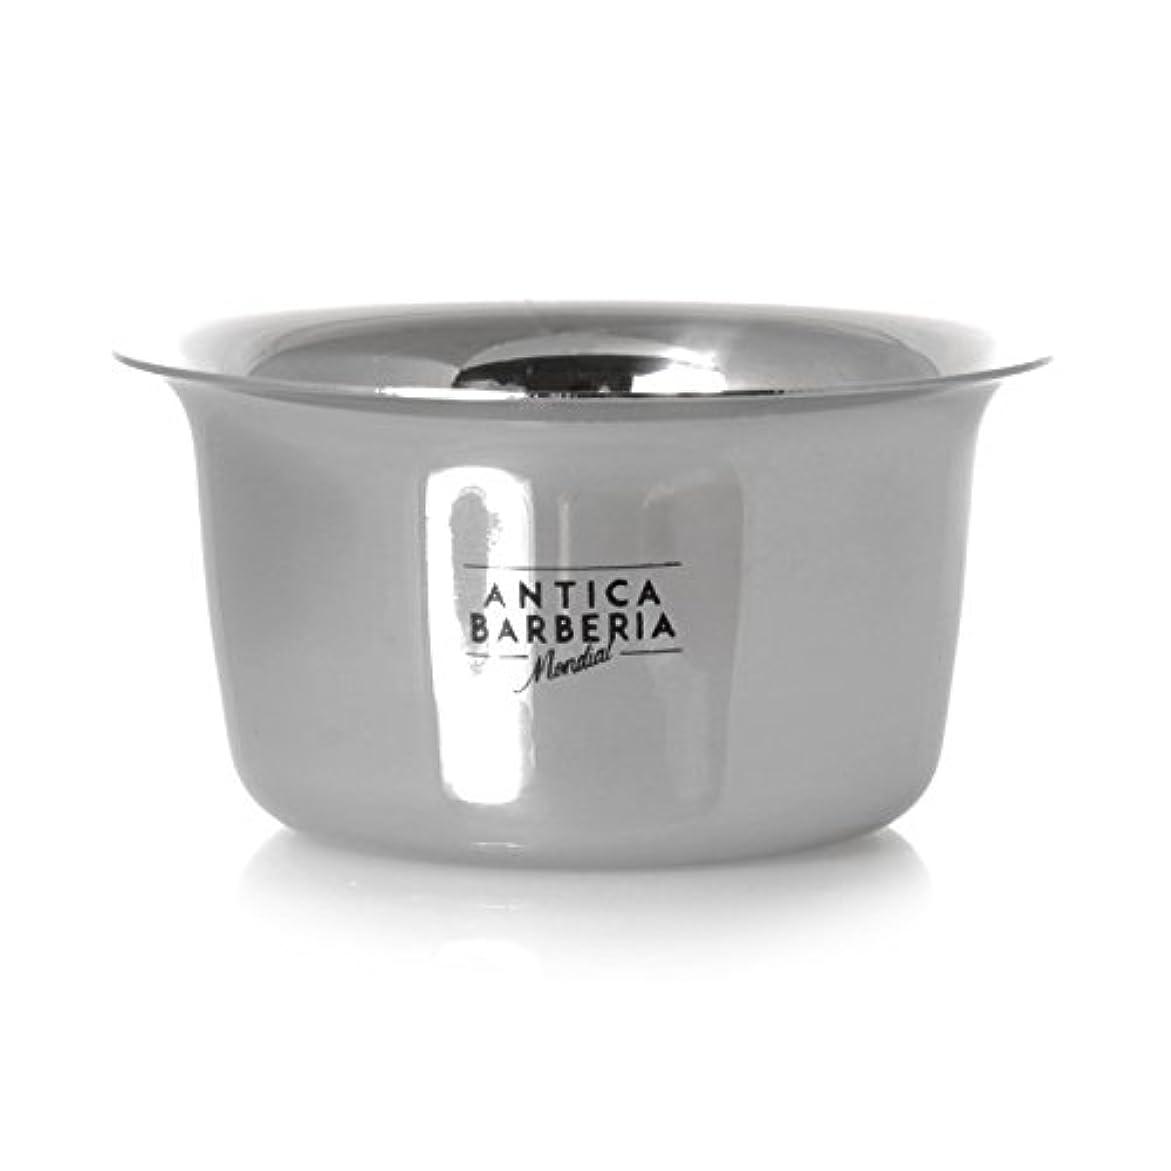 別のアルコーブ北米Antica Barberia Mondial - Shaving bowl - Stainless steel